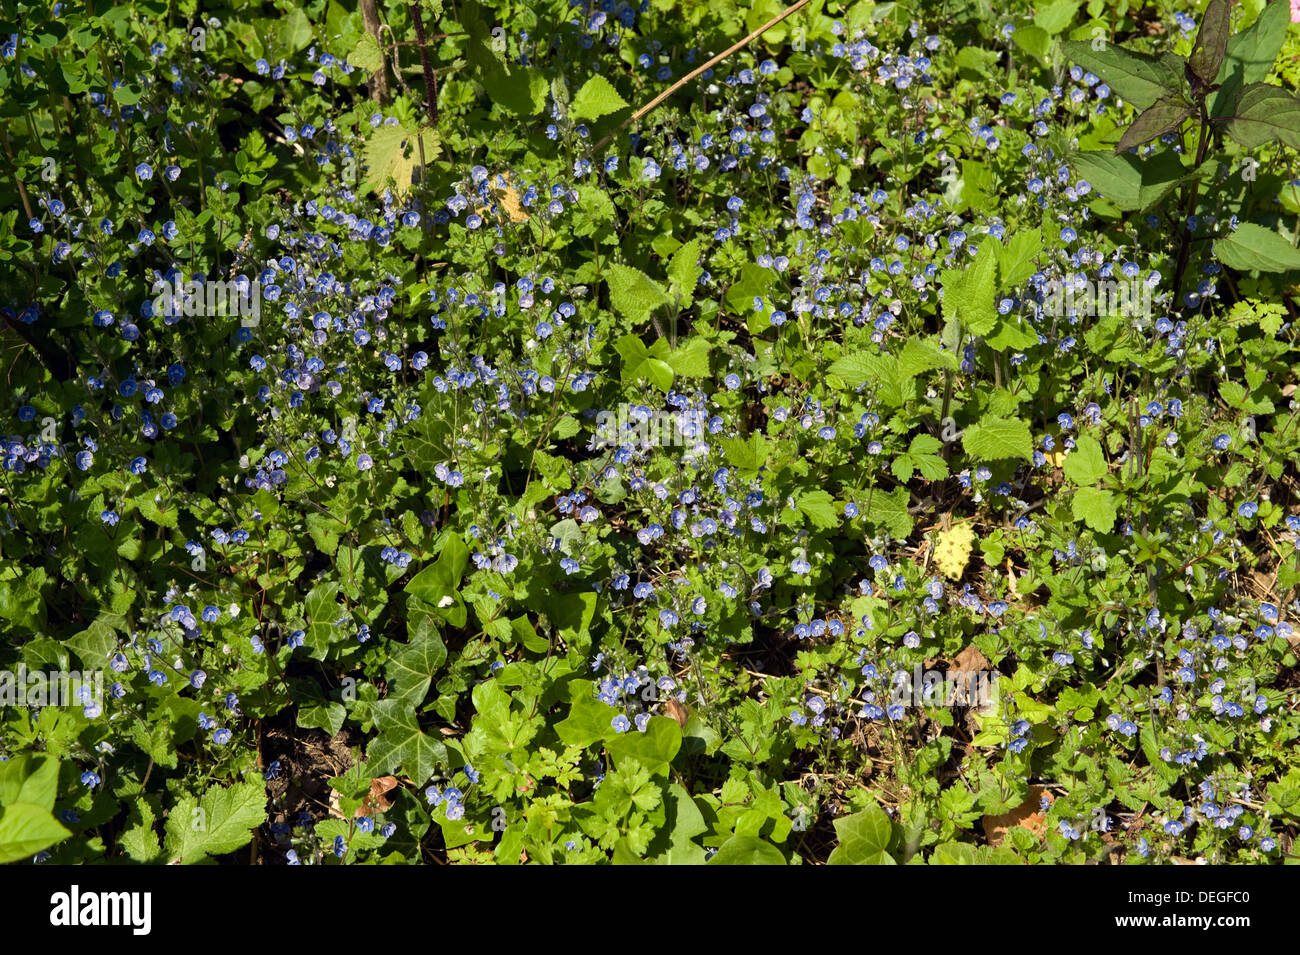 Bird's-eye or germander speedwell, Veronica chamaedrys, flowering - Stock Image